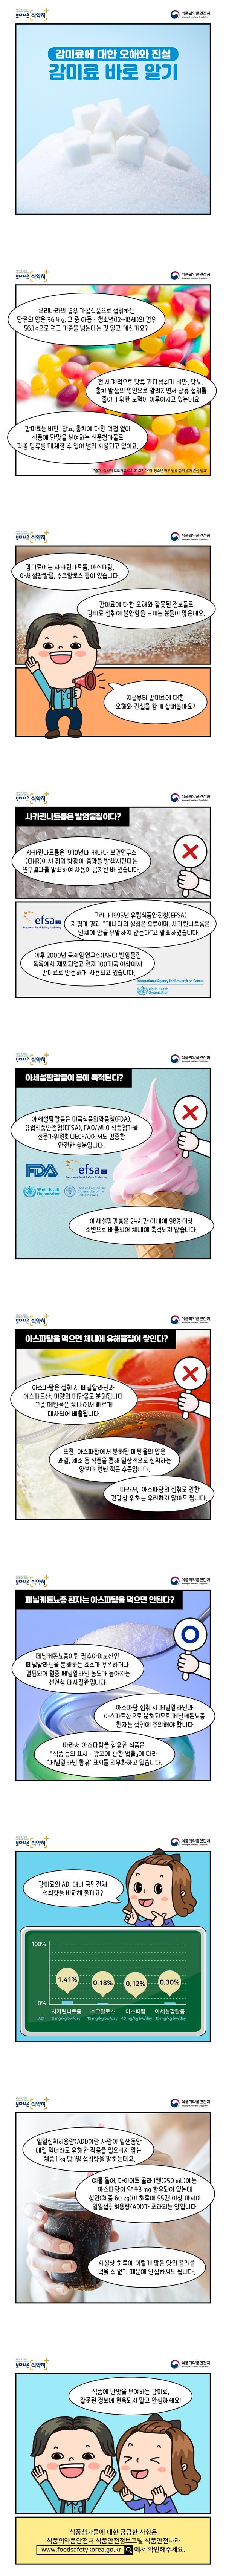 [웹툰] 감미료에 대한 오해와 진실